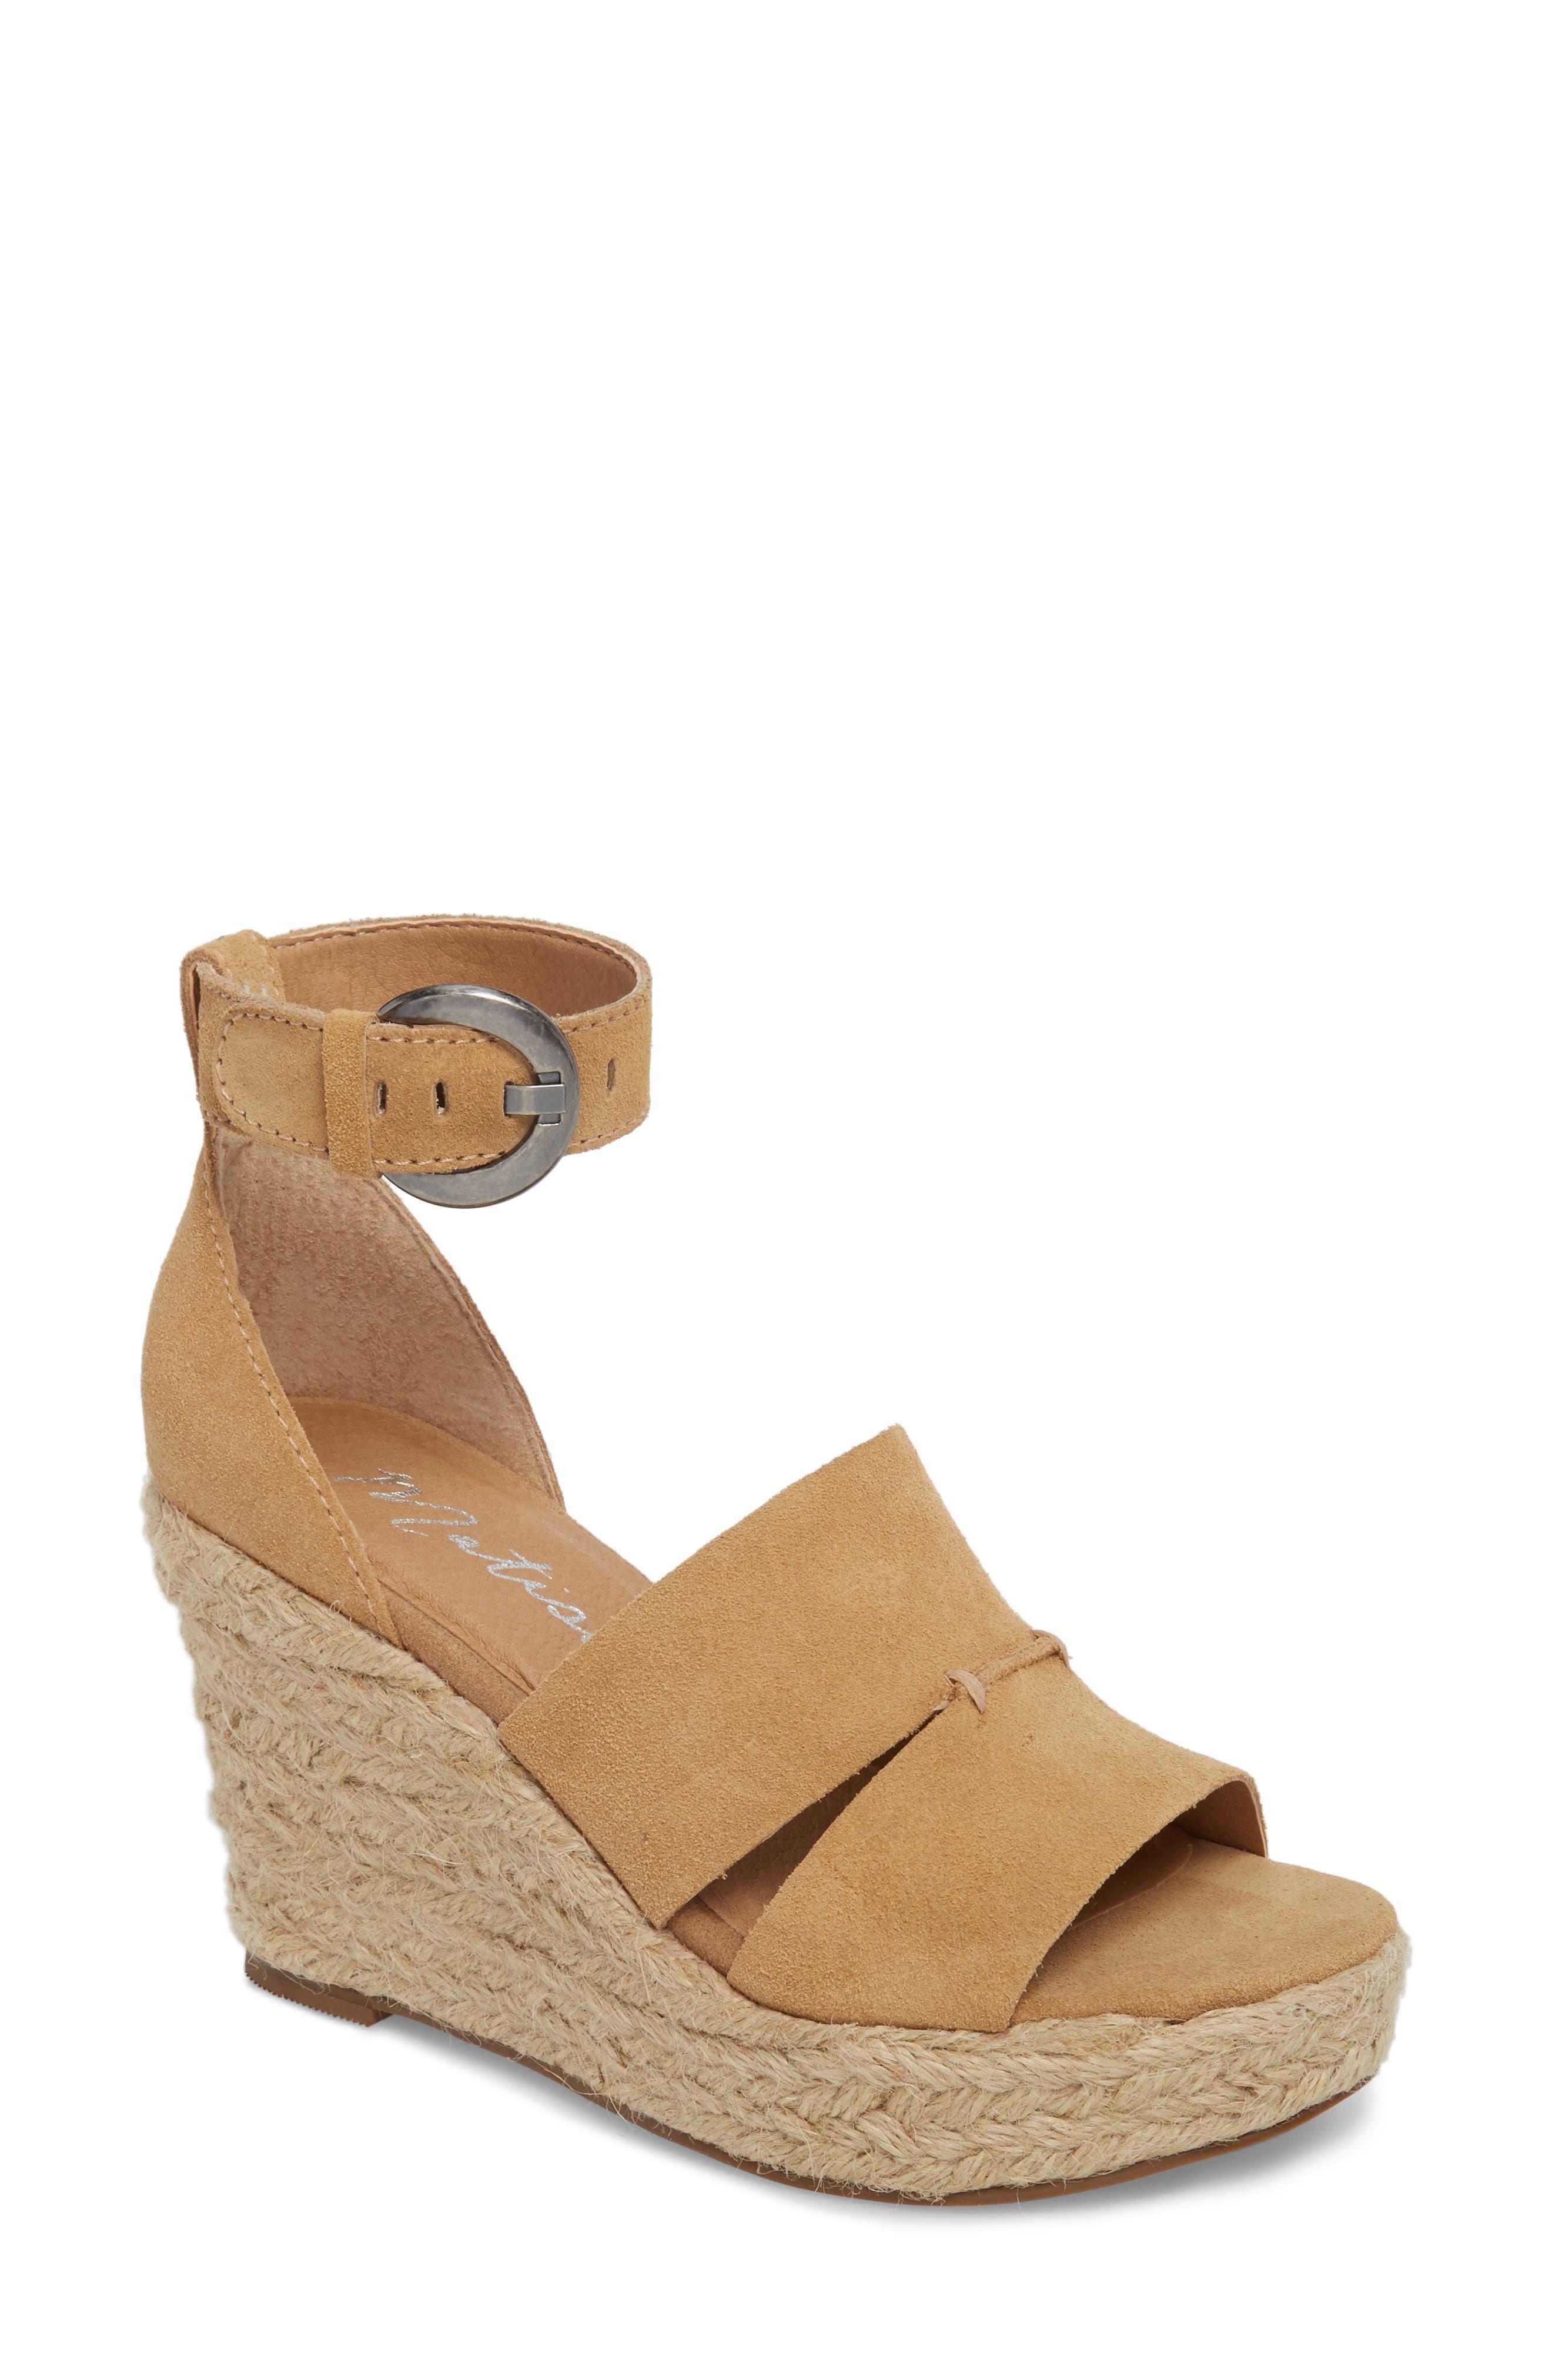 Matisse Cha Cha Espadrille Wedge Sandal, Beige